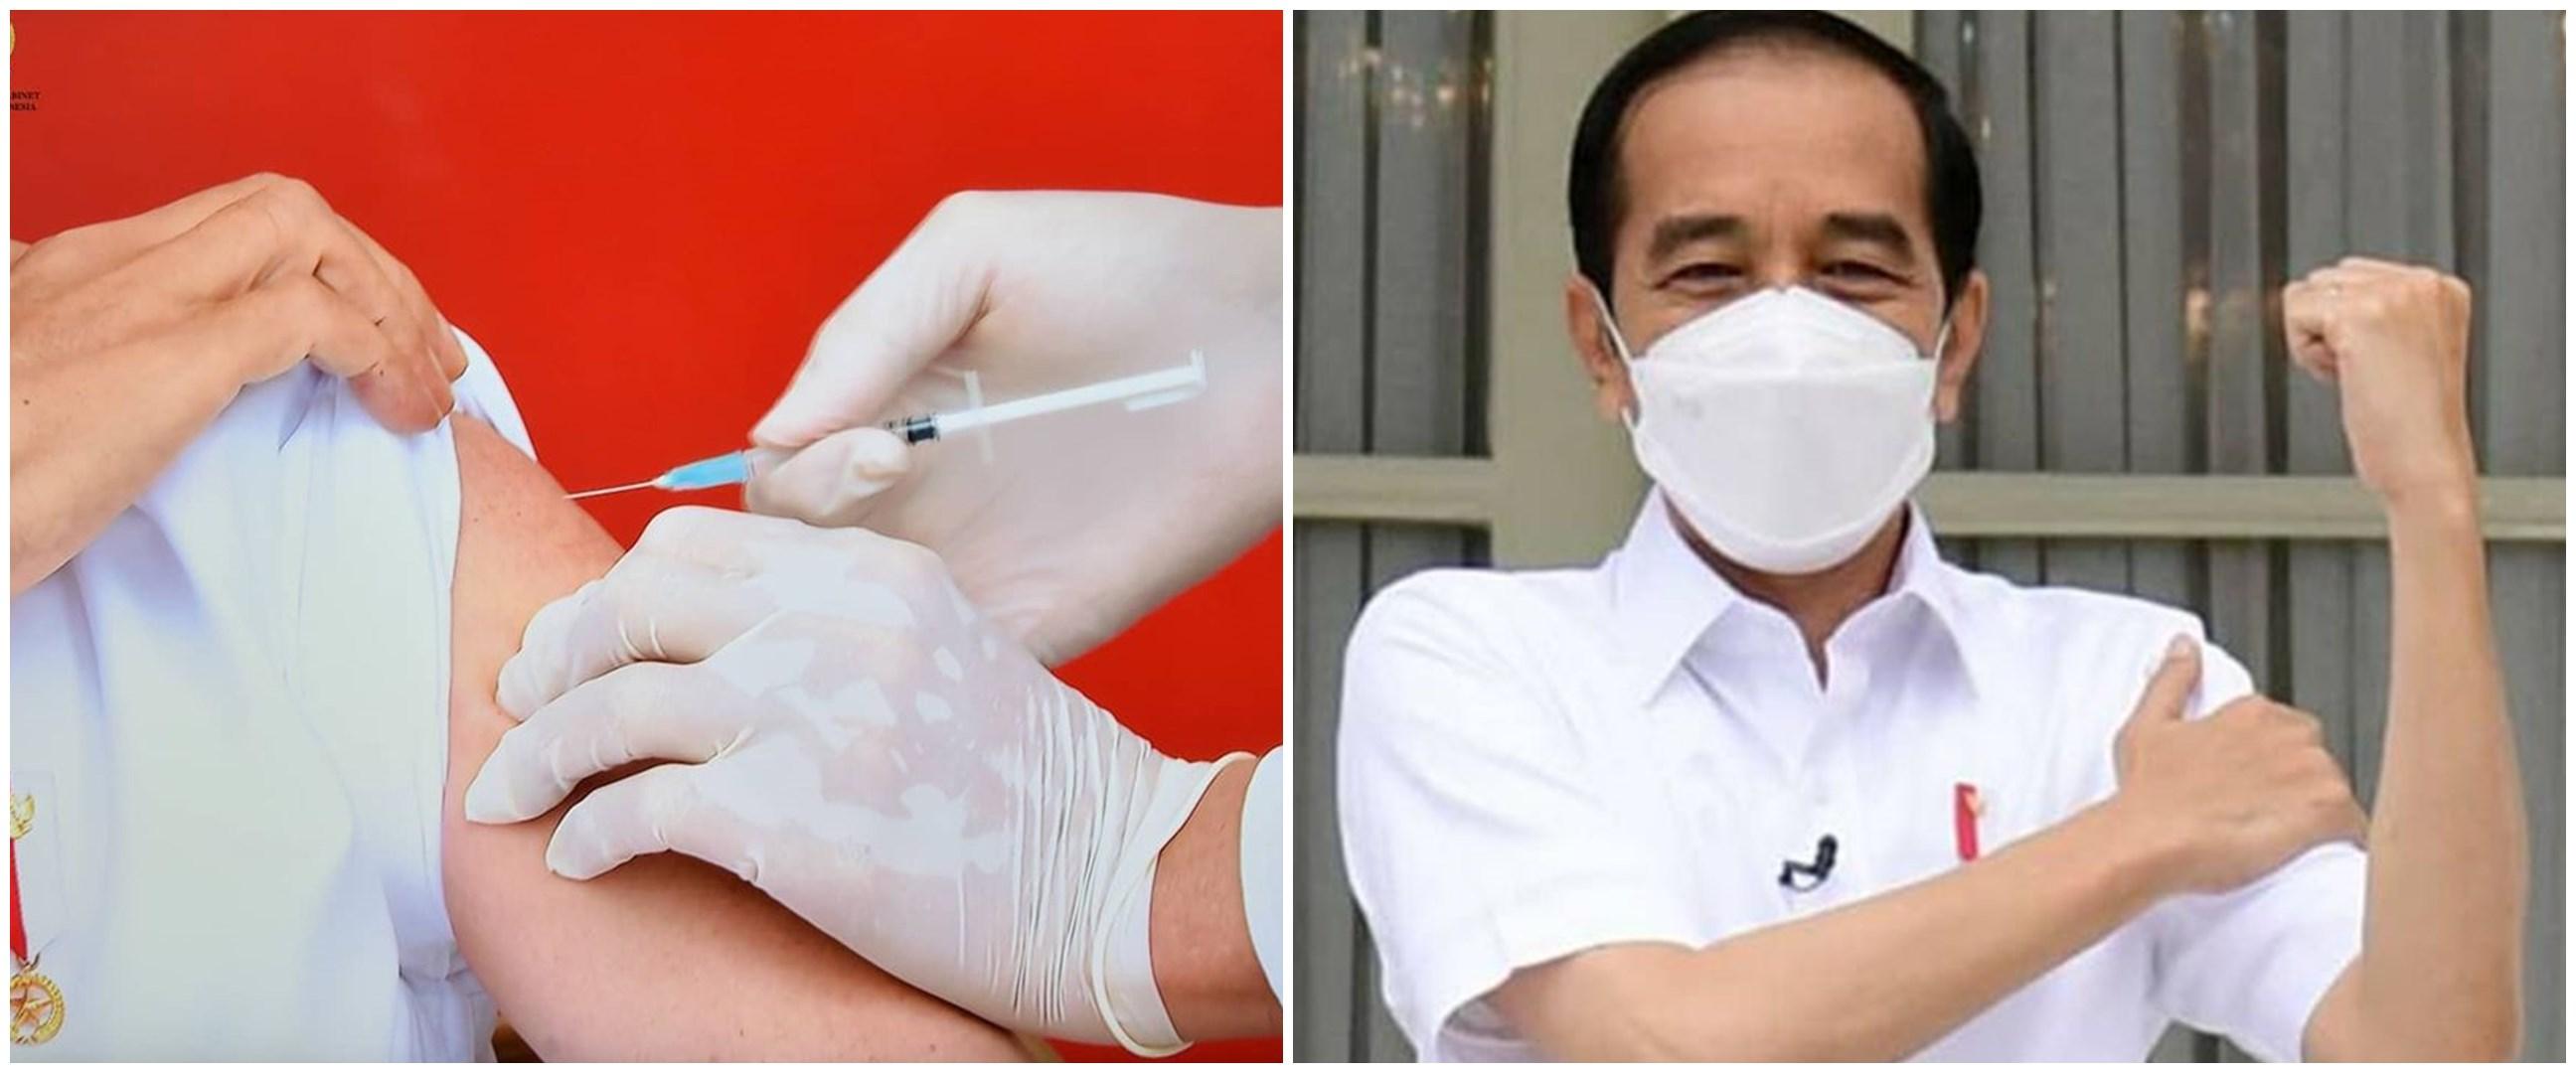 Cerita dokter Abdul Mutalib suntik vaksin ke Presiden Jokowi, gemetar